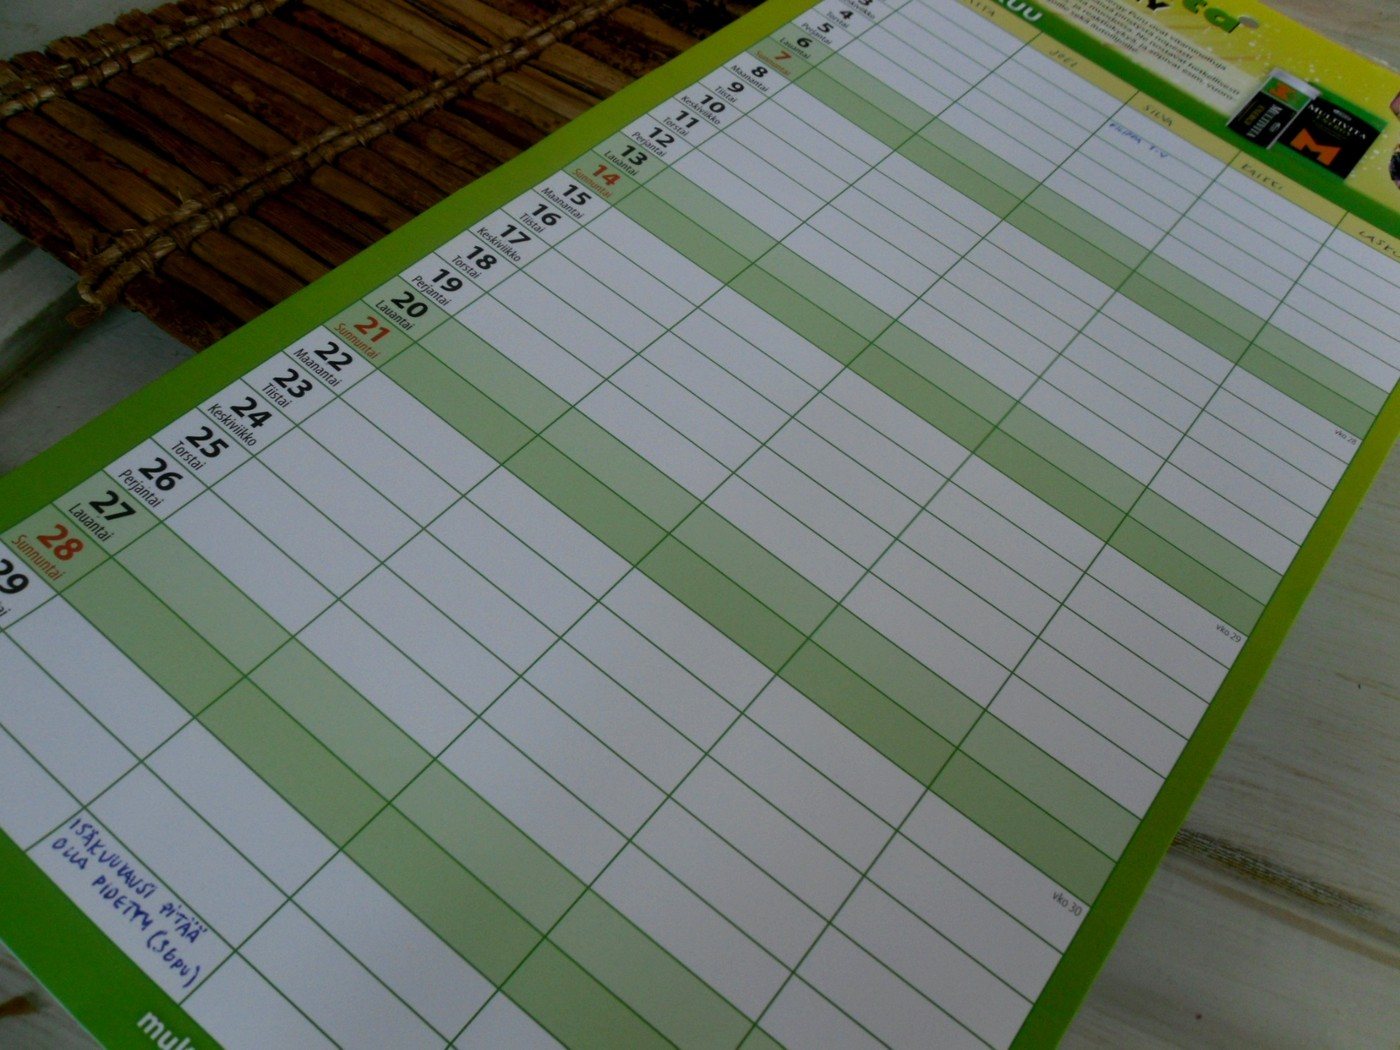 x kalenteri.jpg